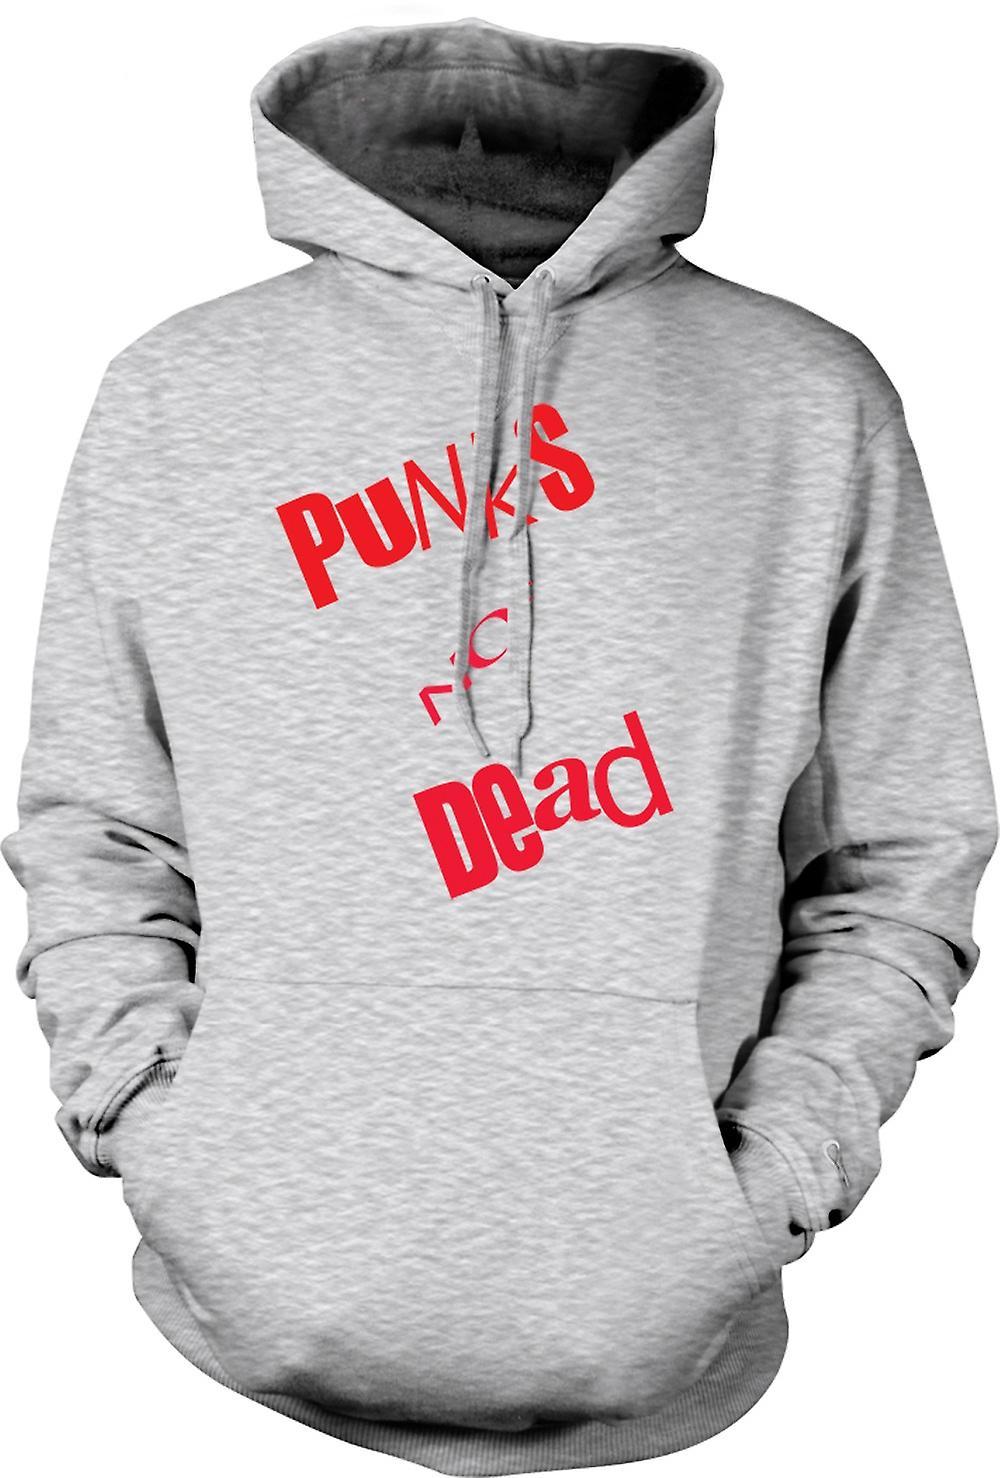 Mens Hoodie - Punks niet dood - Punk